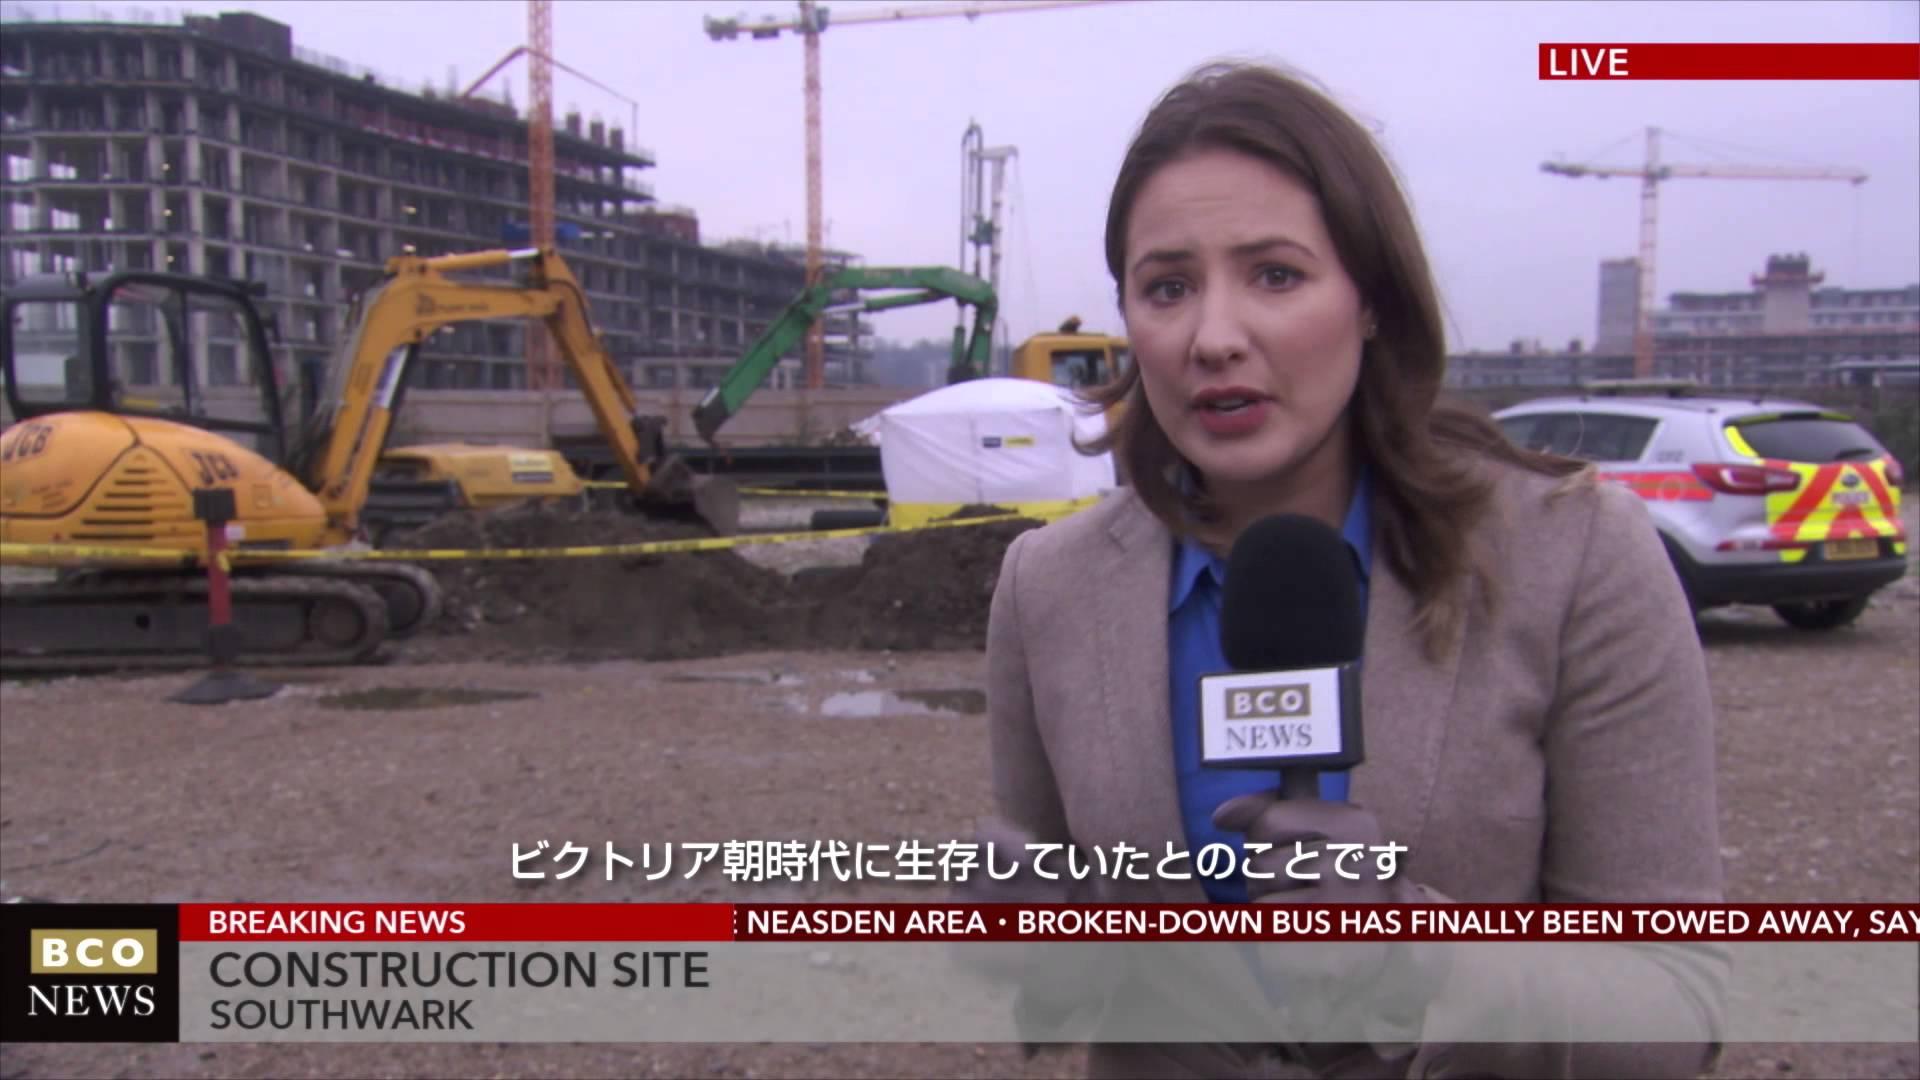 ロンドン市内の工事現場で身長2m、人間比2倍の手足を持つ謎の生物の骨が発見!これってもしかして…